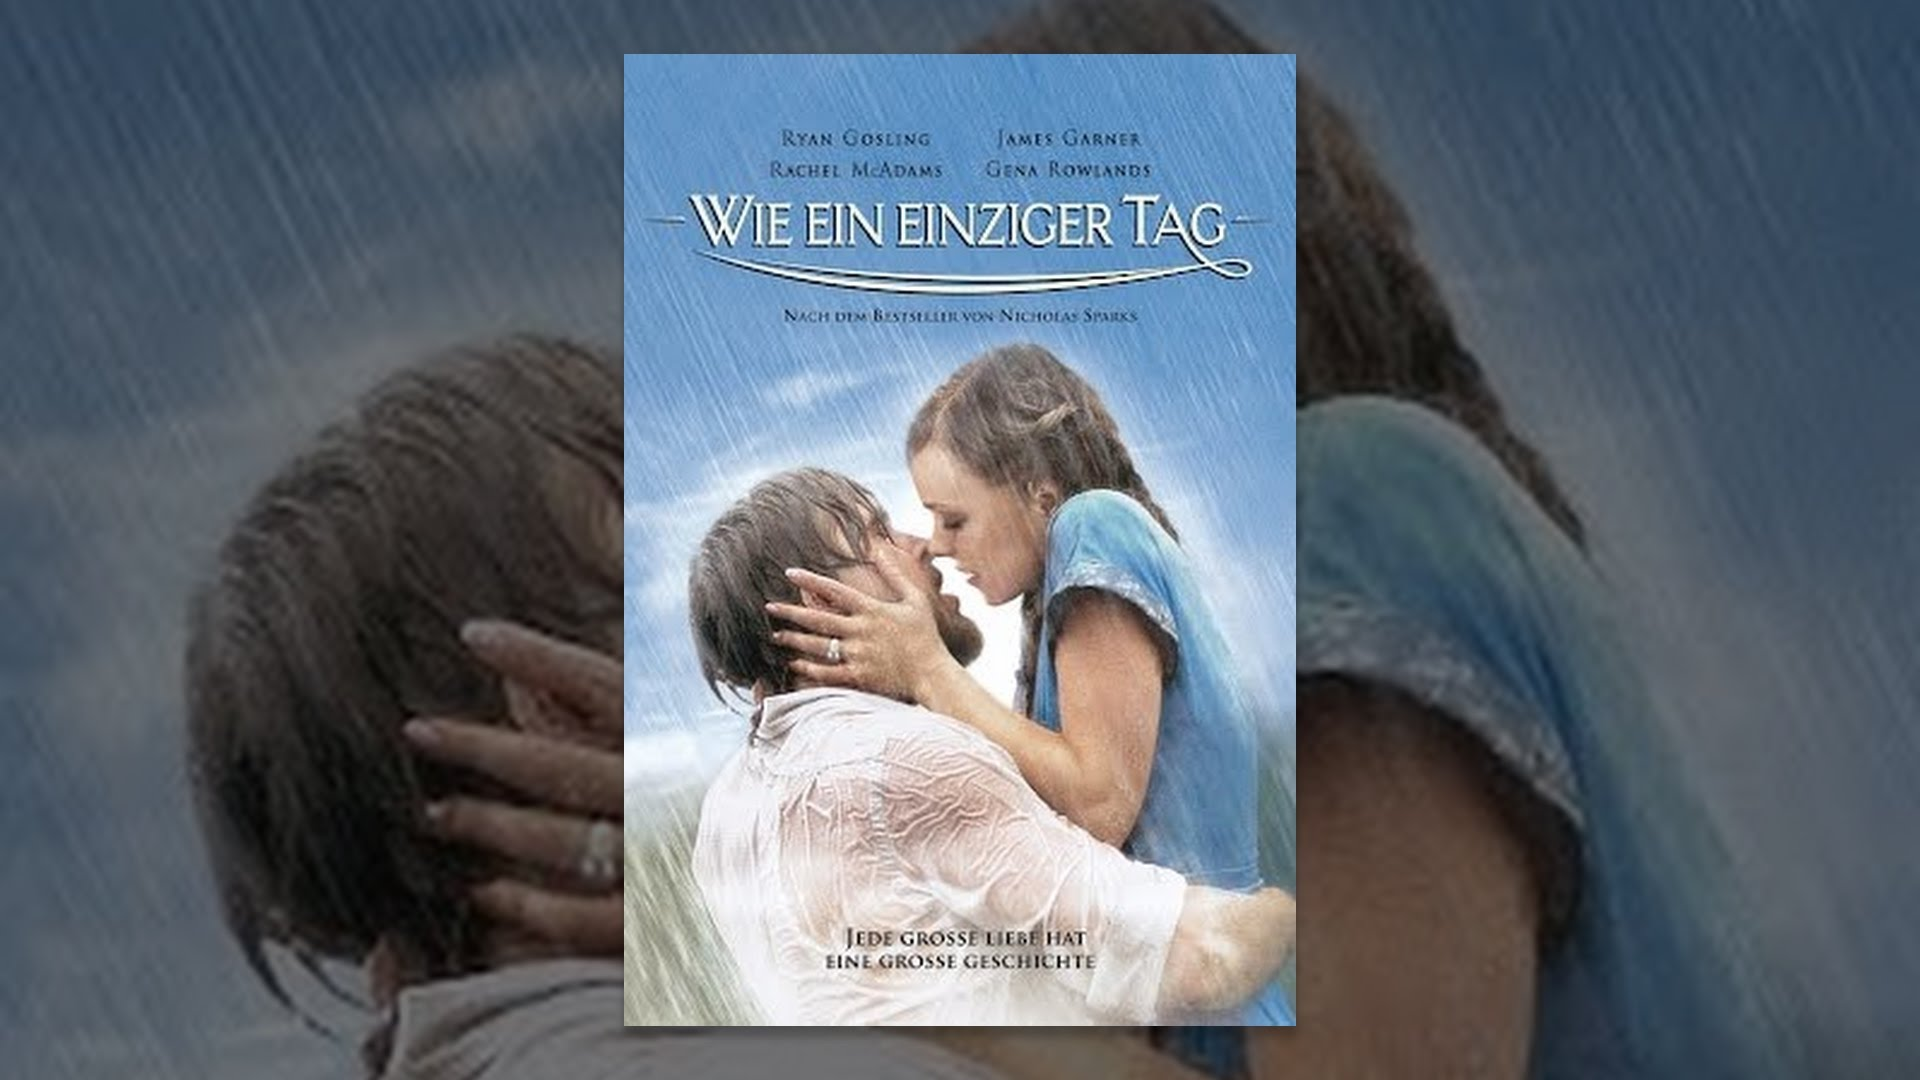 Schöne liebes filme